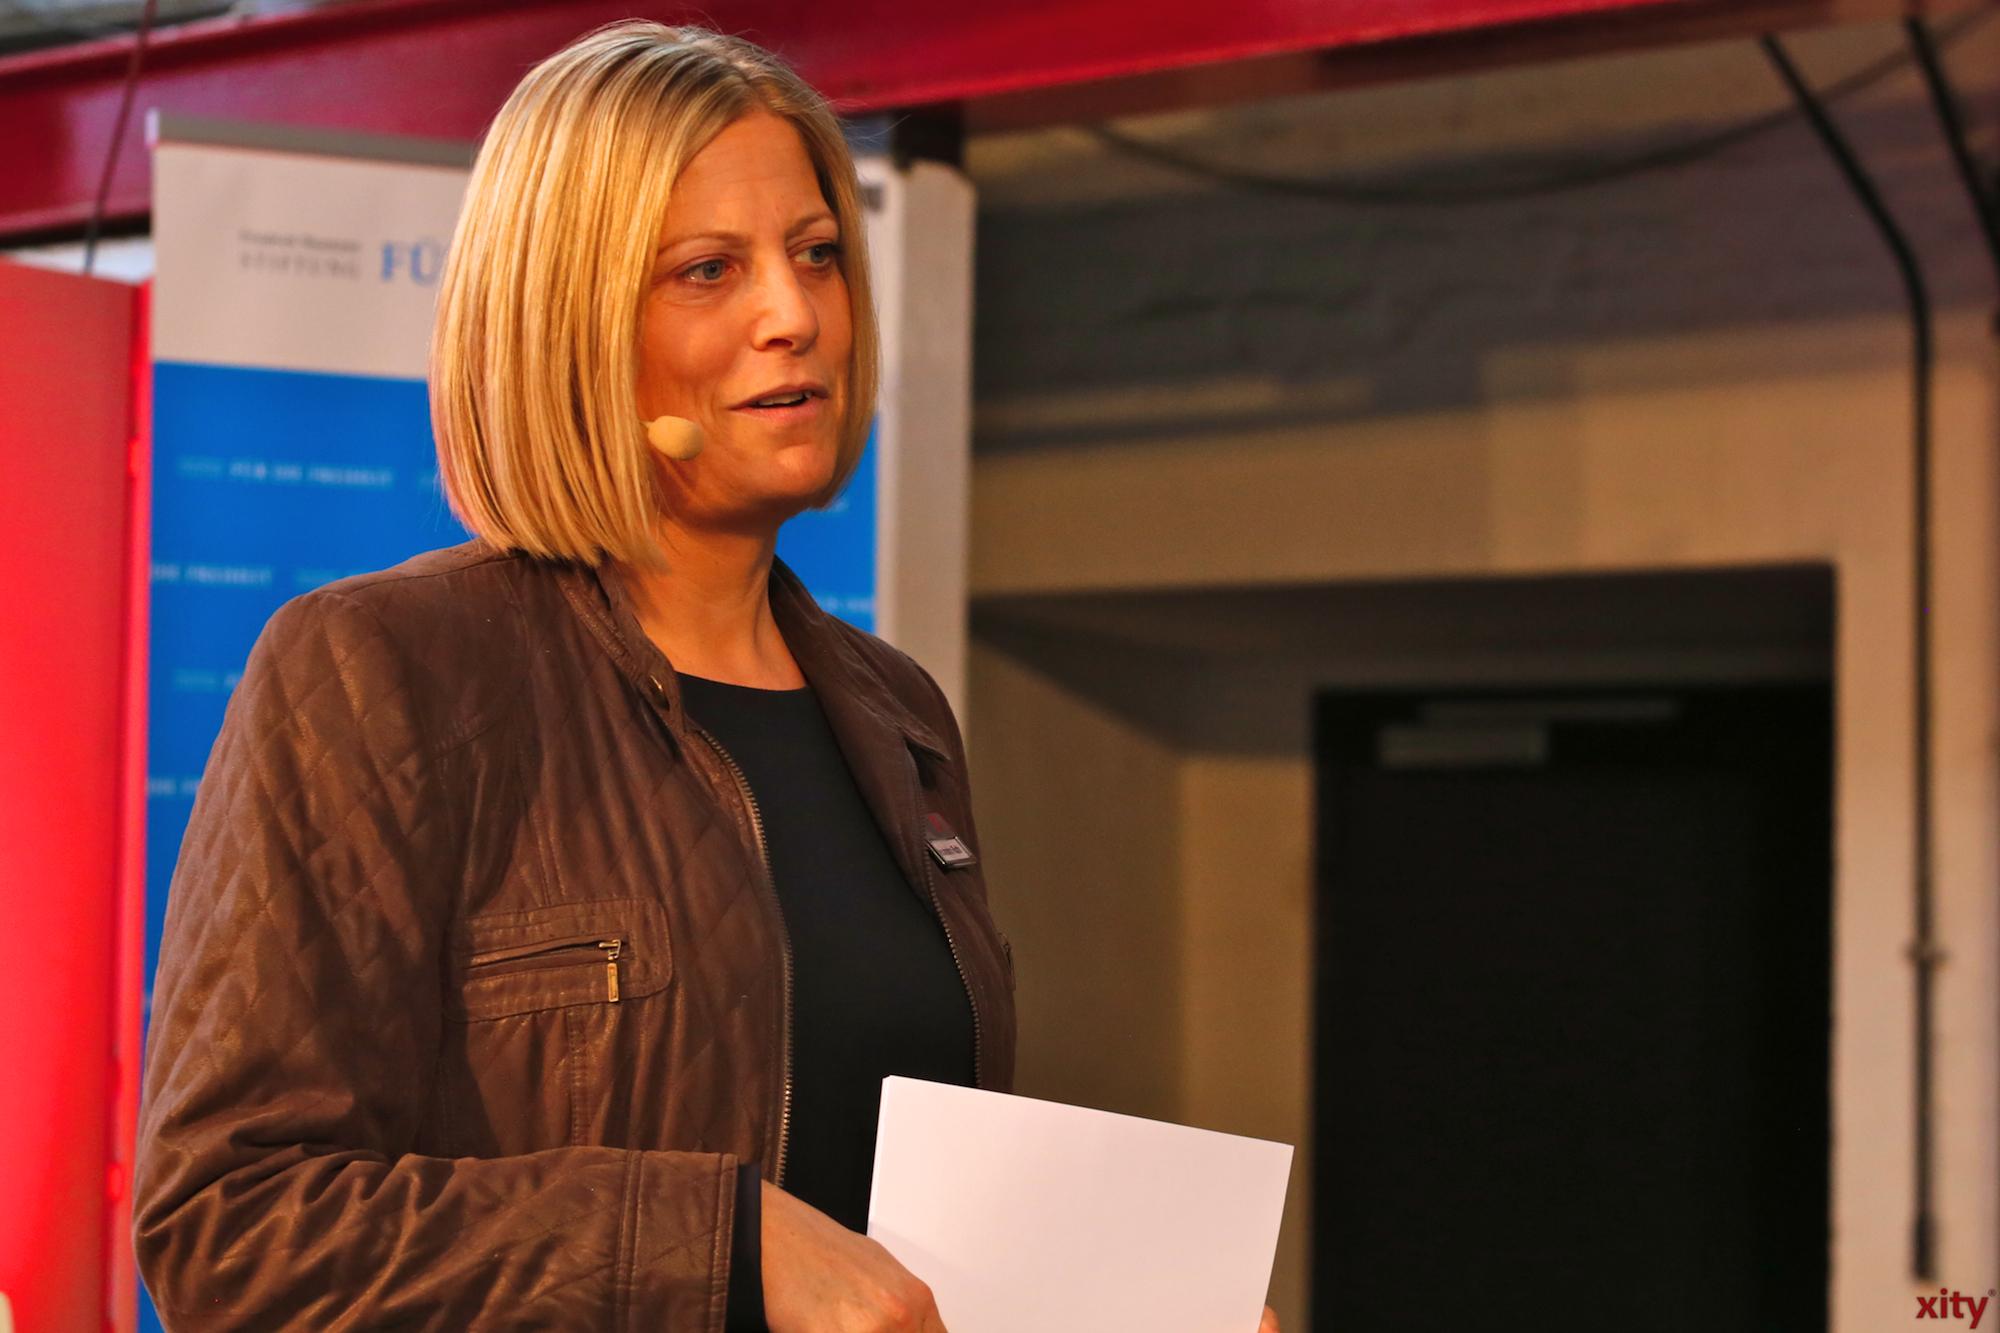 Alexandra Rath ist Verbandsleiterin Düsseldorf und Mettann des BVMW(Foto: xity)